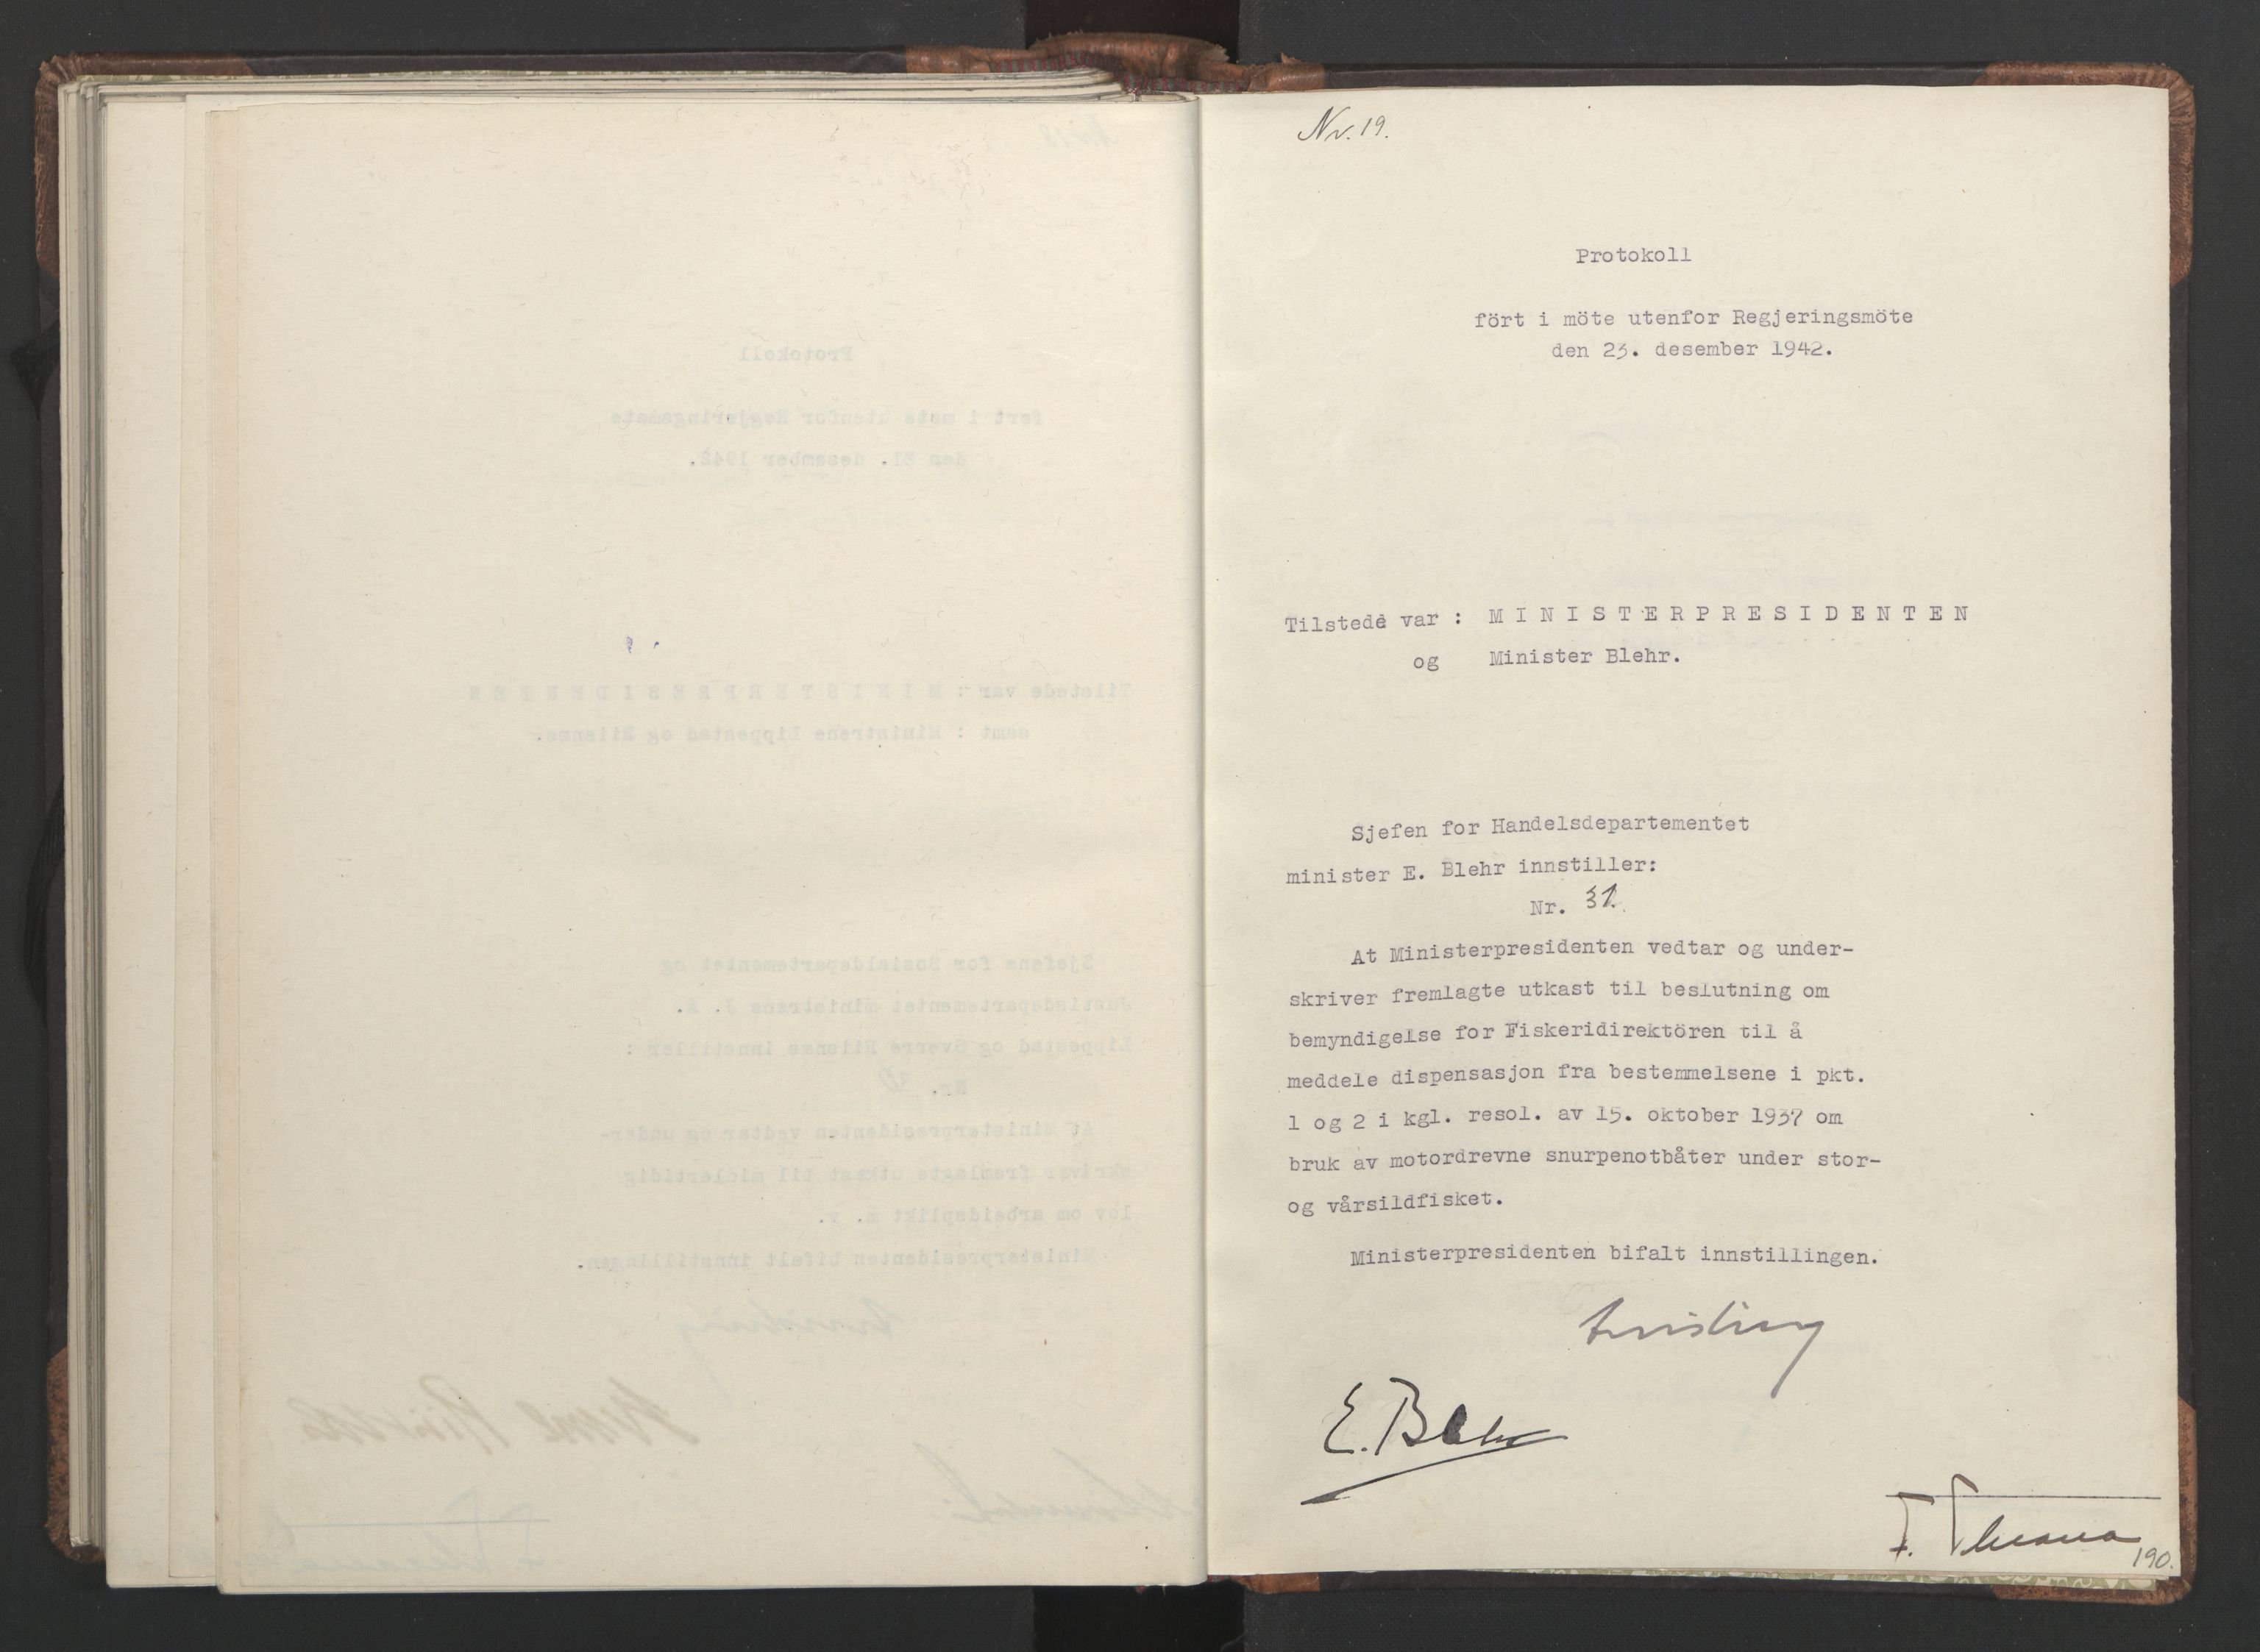 RA, NS-administrasjonen 1940-1945 (Statsrådsekretariatet, de kommisariske statsråder mm), D/Da/L0001: Beslutninger og tillegg (1-952 og 1-32), 1942, s. 189b-190a